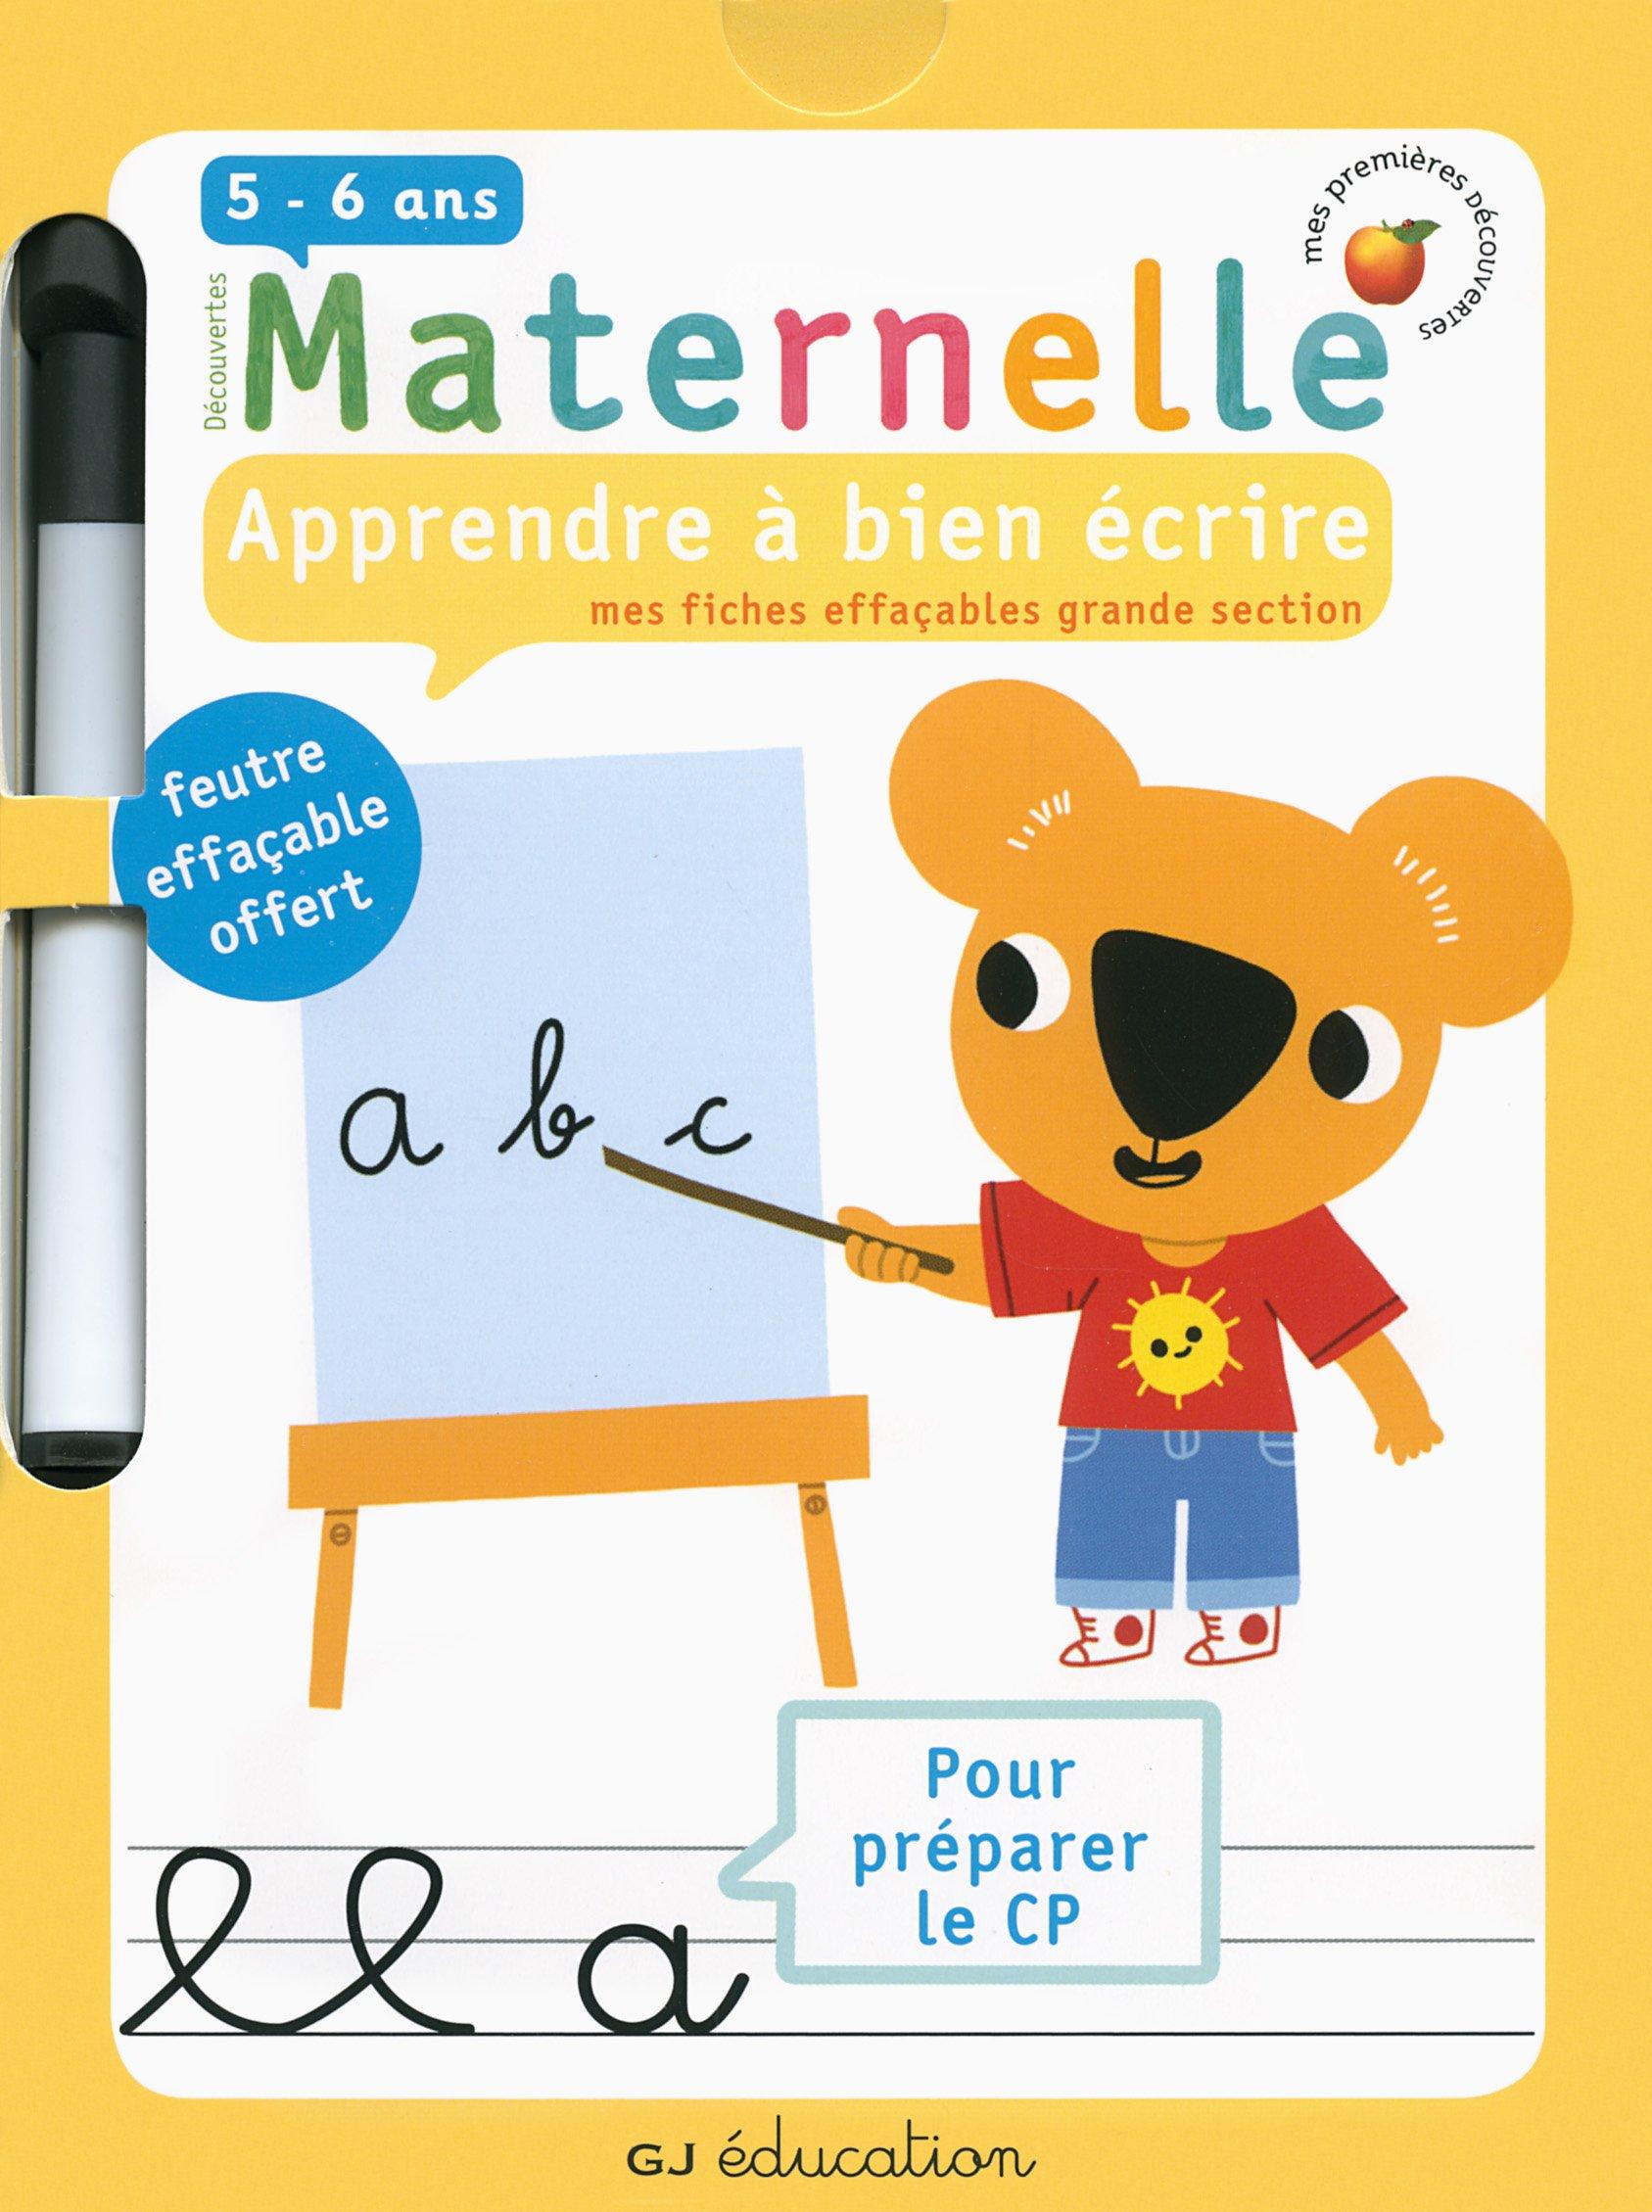 6d3da1e1ea5 Amazon.fr - Apprendre à bien écrire   Mes fiches effaçables grande section  - Delphine Gravier-Badreddine